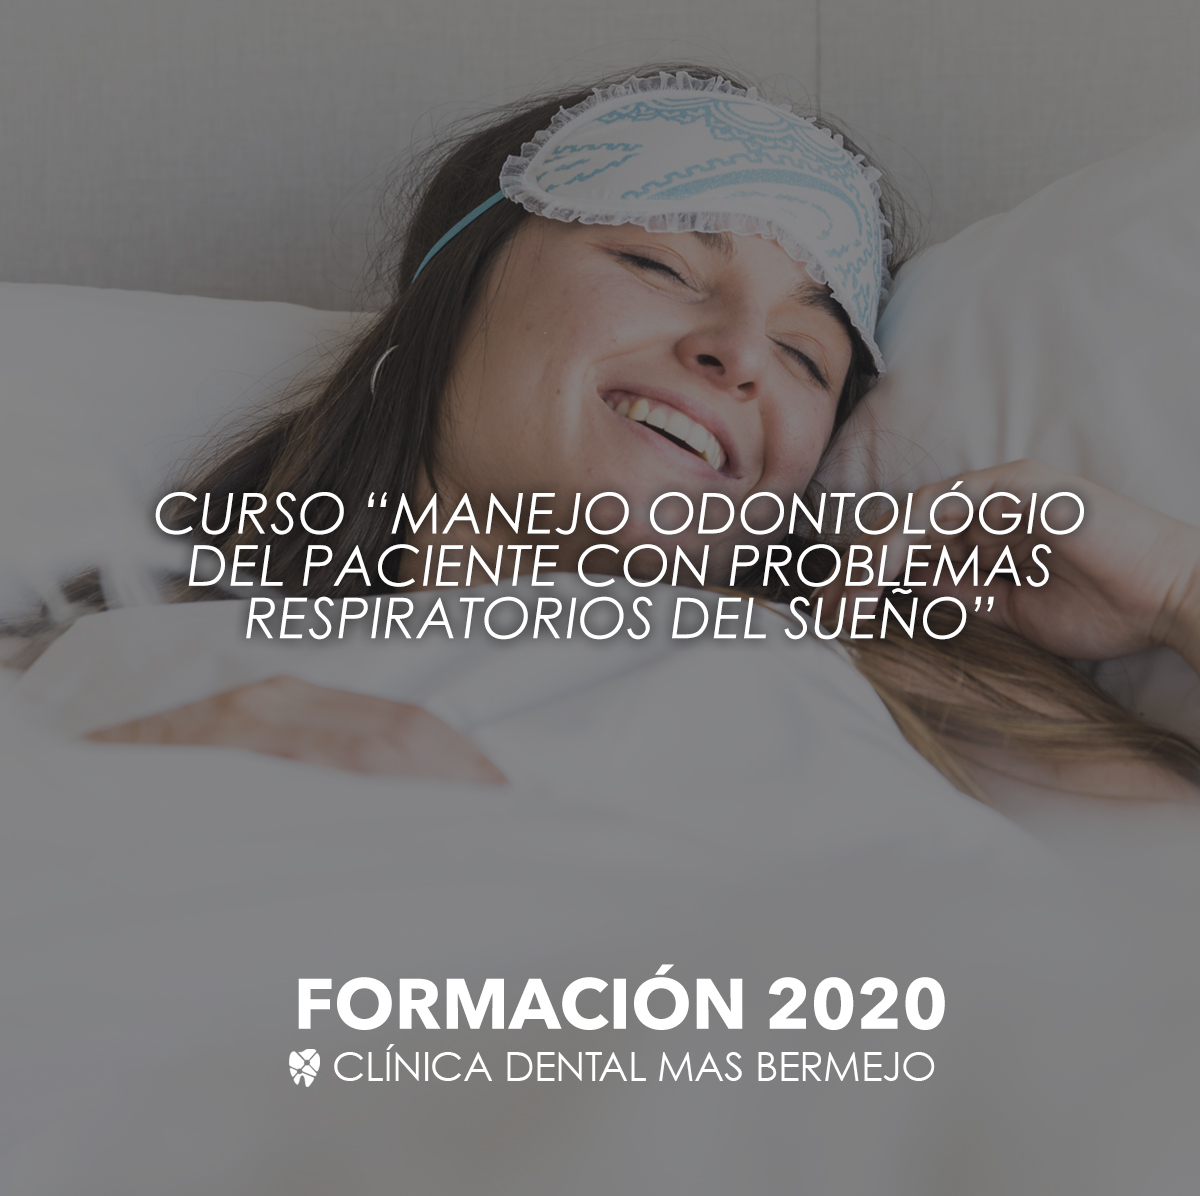 clinica-dental-mas-bermejo-murcia-curso-formacion2020